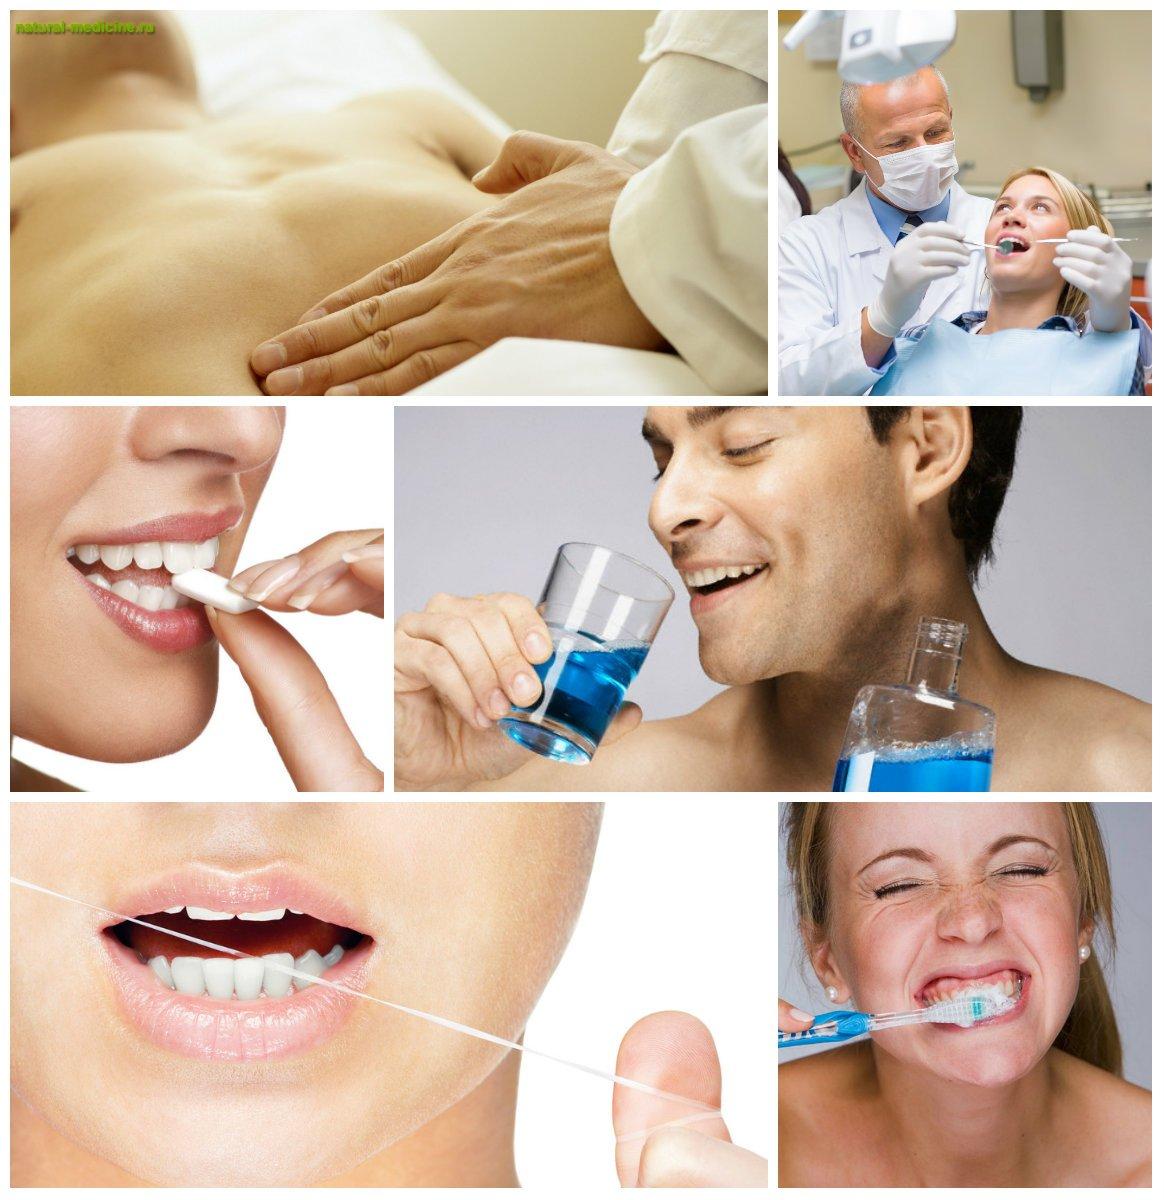 причины утреннего запаха изо рта